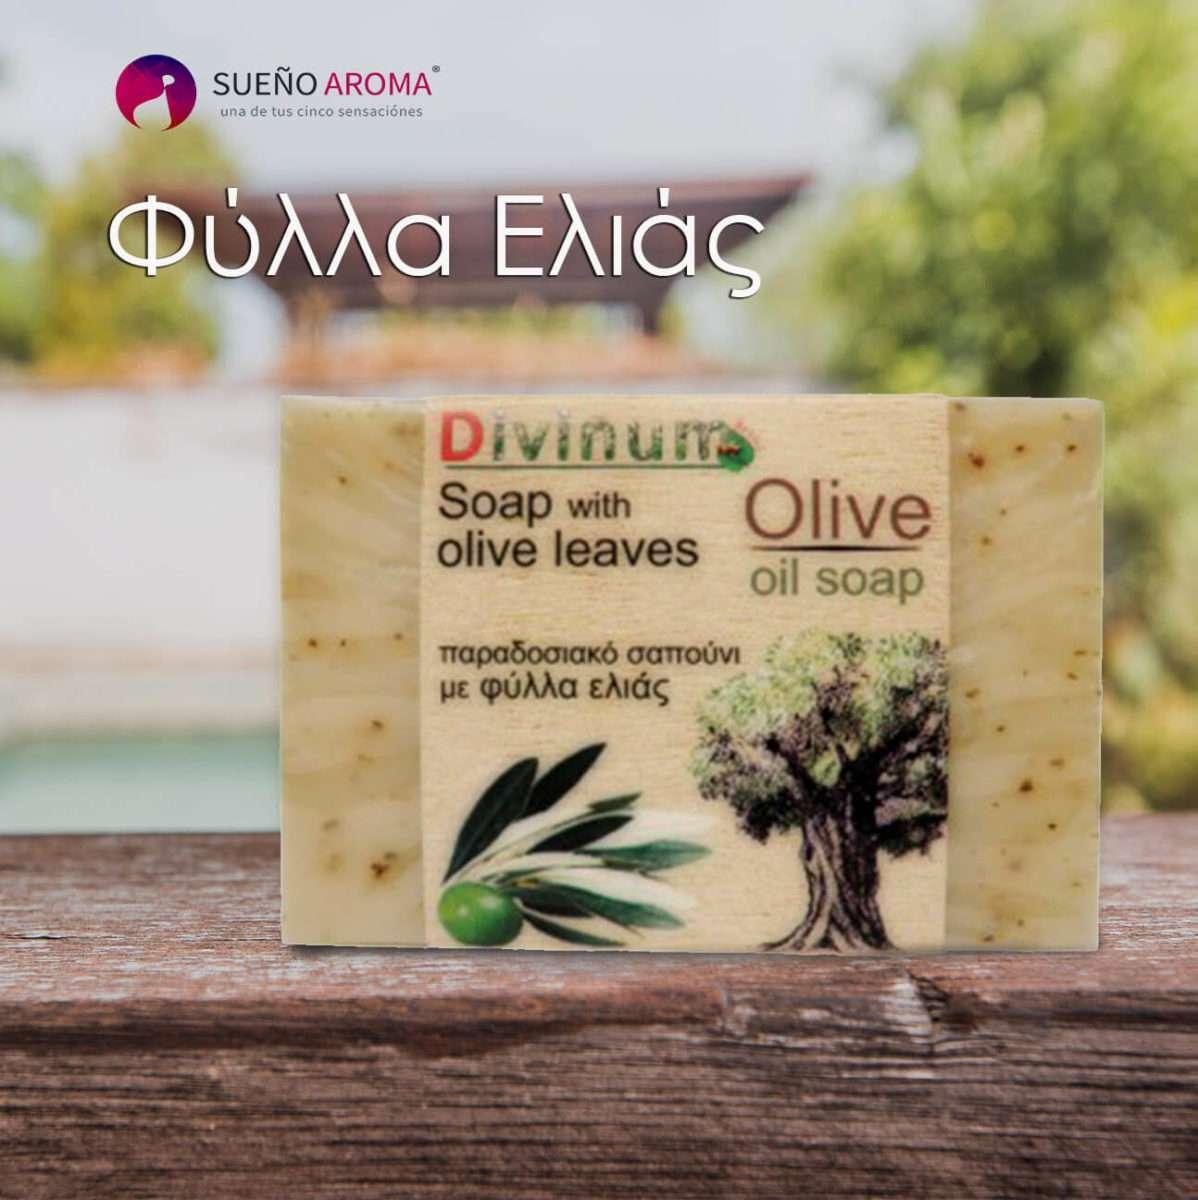 handmade soap olive leaves olive oil divinum